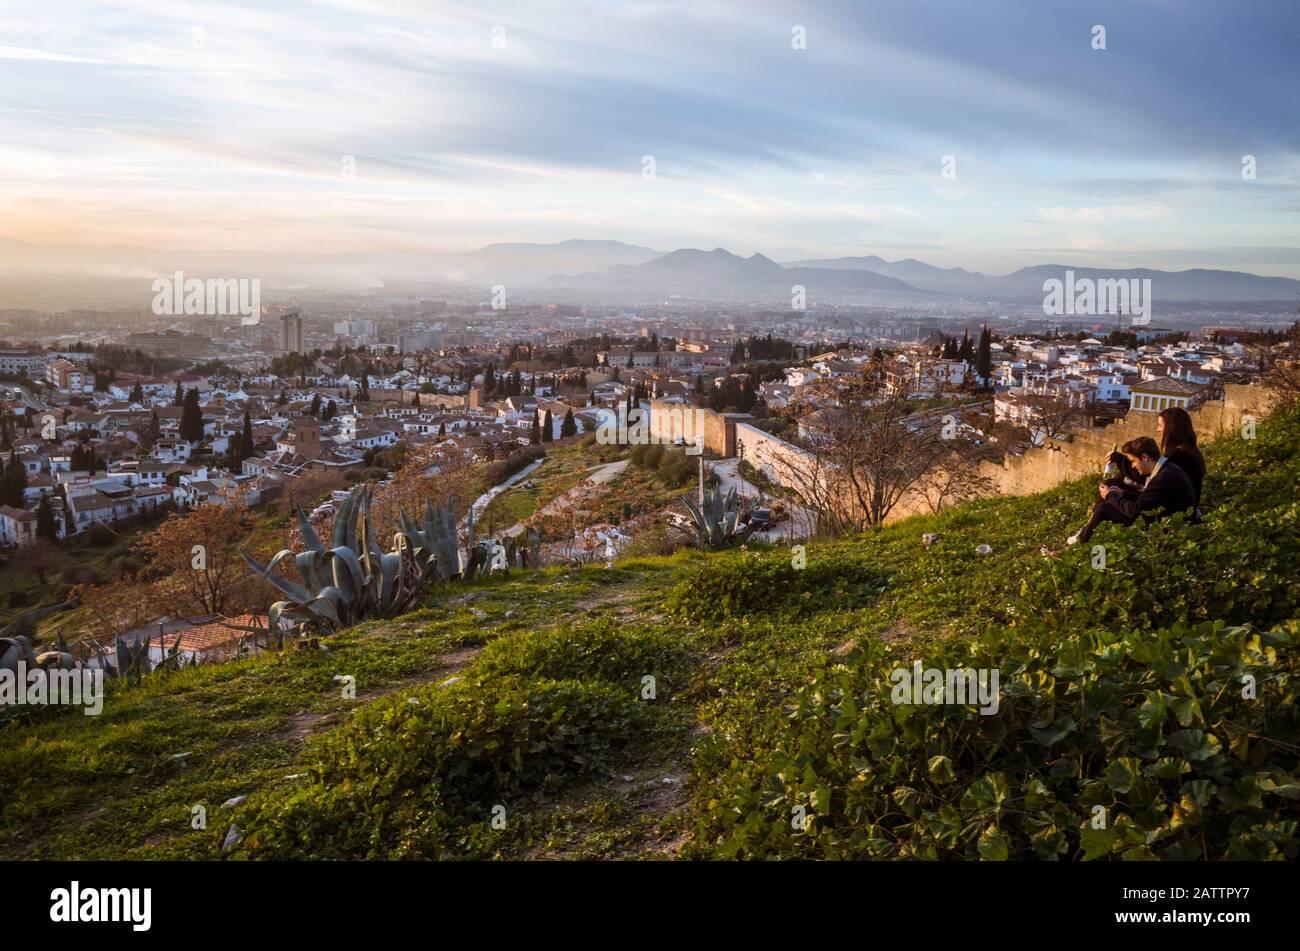 Granada, España - 17 de enero de 2020 : una pareja mira a Granada al atardecer por las murallas de la ciudad del Albaicín en el mirador de San Miguel alto. Foto de stock